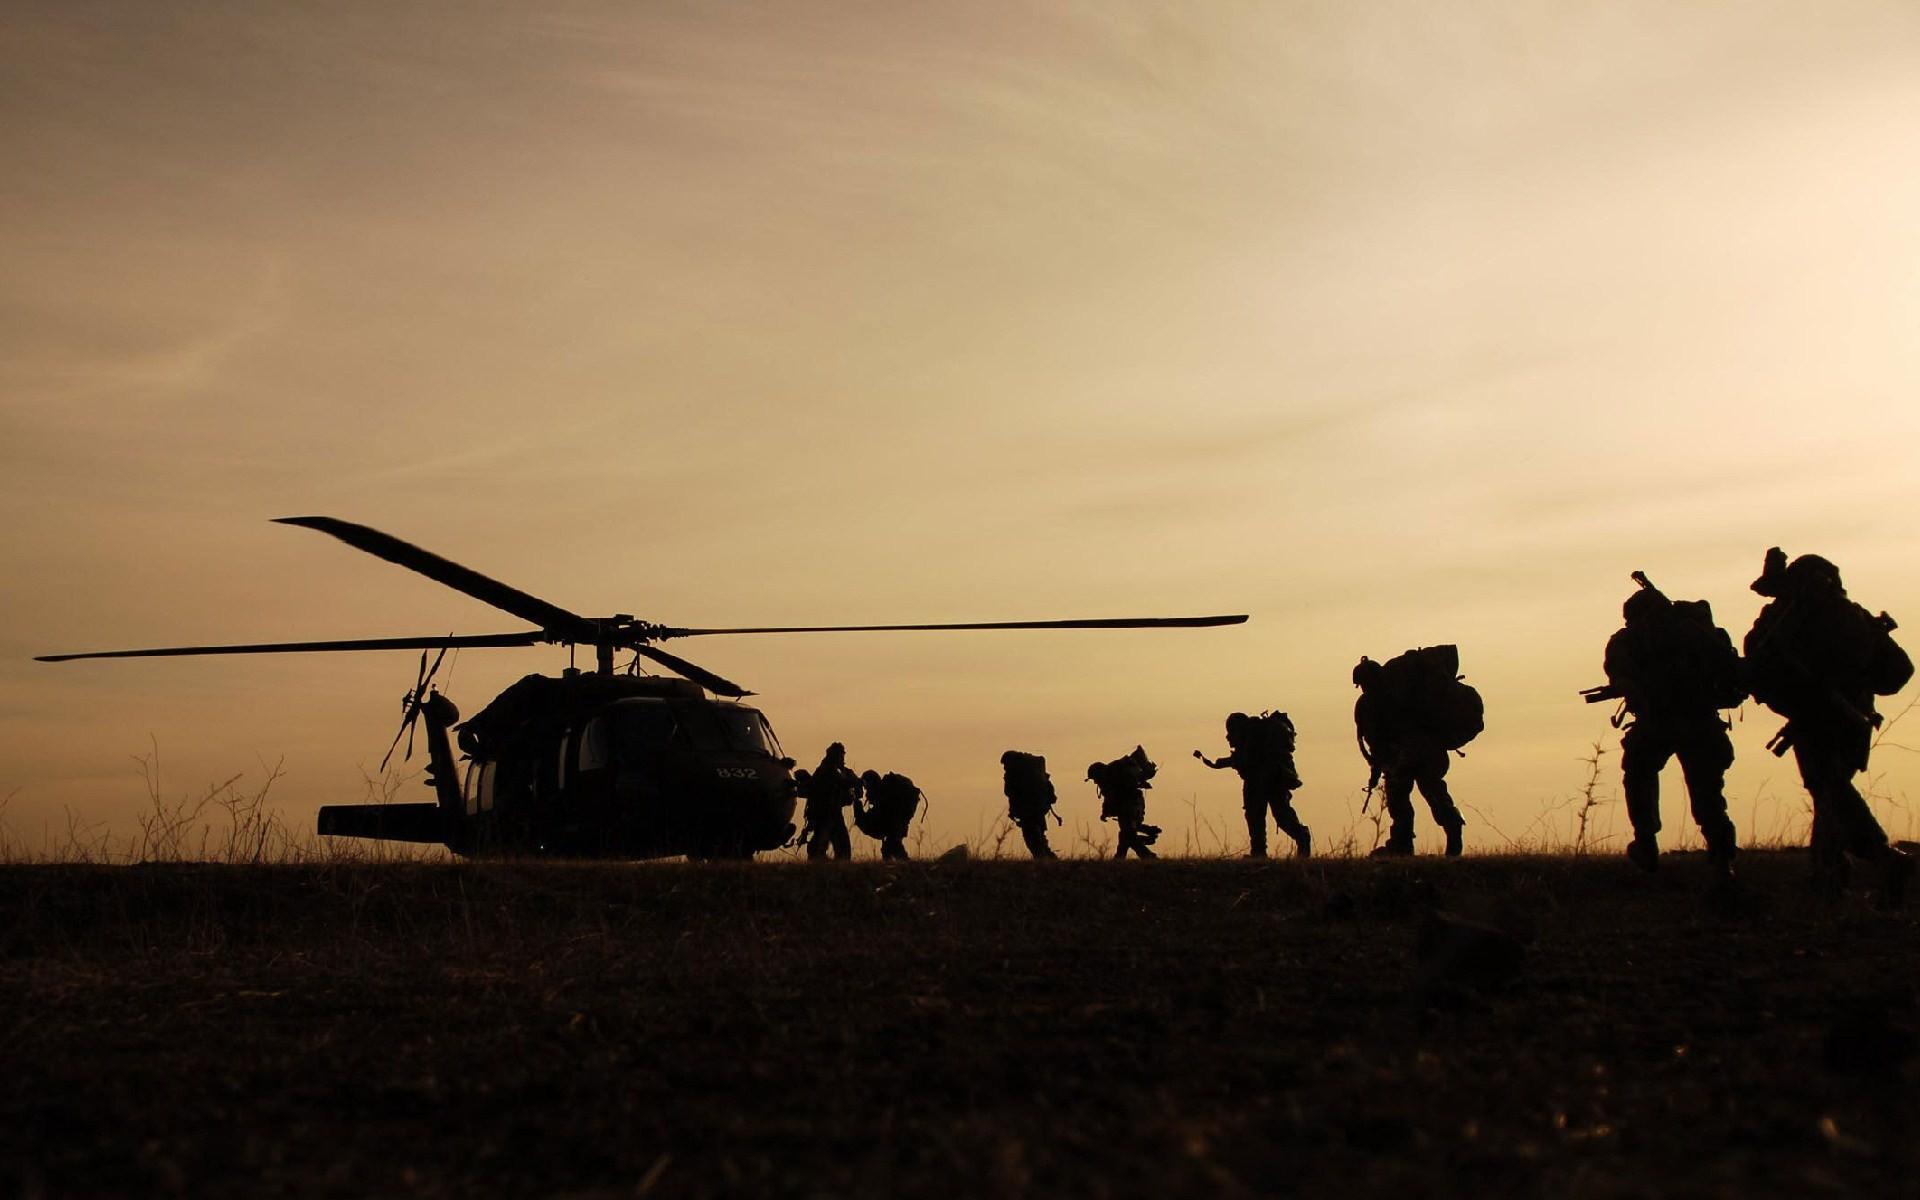 Soldados subiendo a Helicóptero - 1920x1200